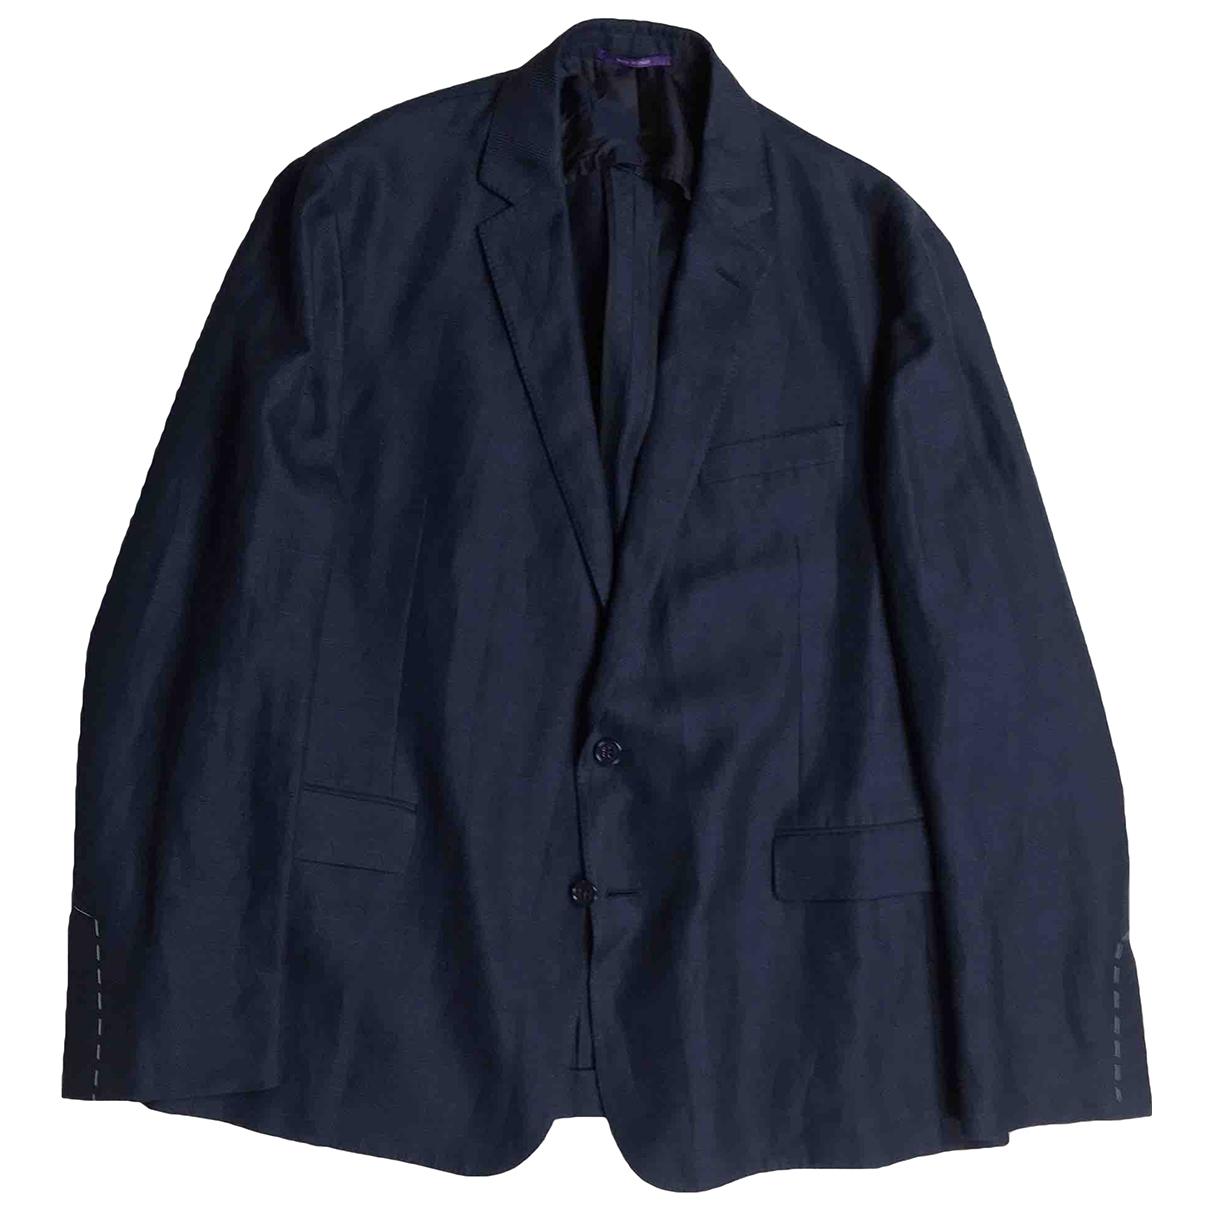 Ralph Lauren Purple Label \N Navy jacket  for Men 46 UK - US